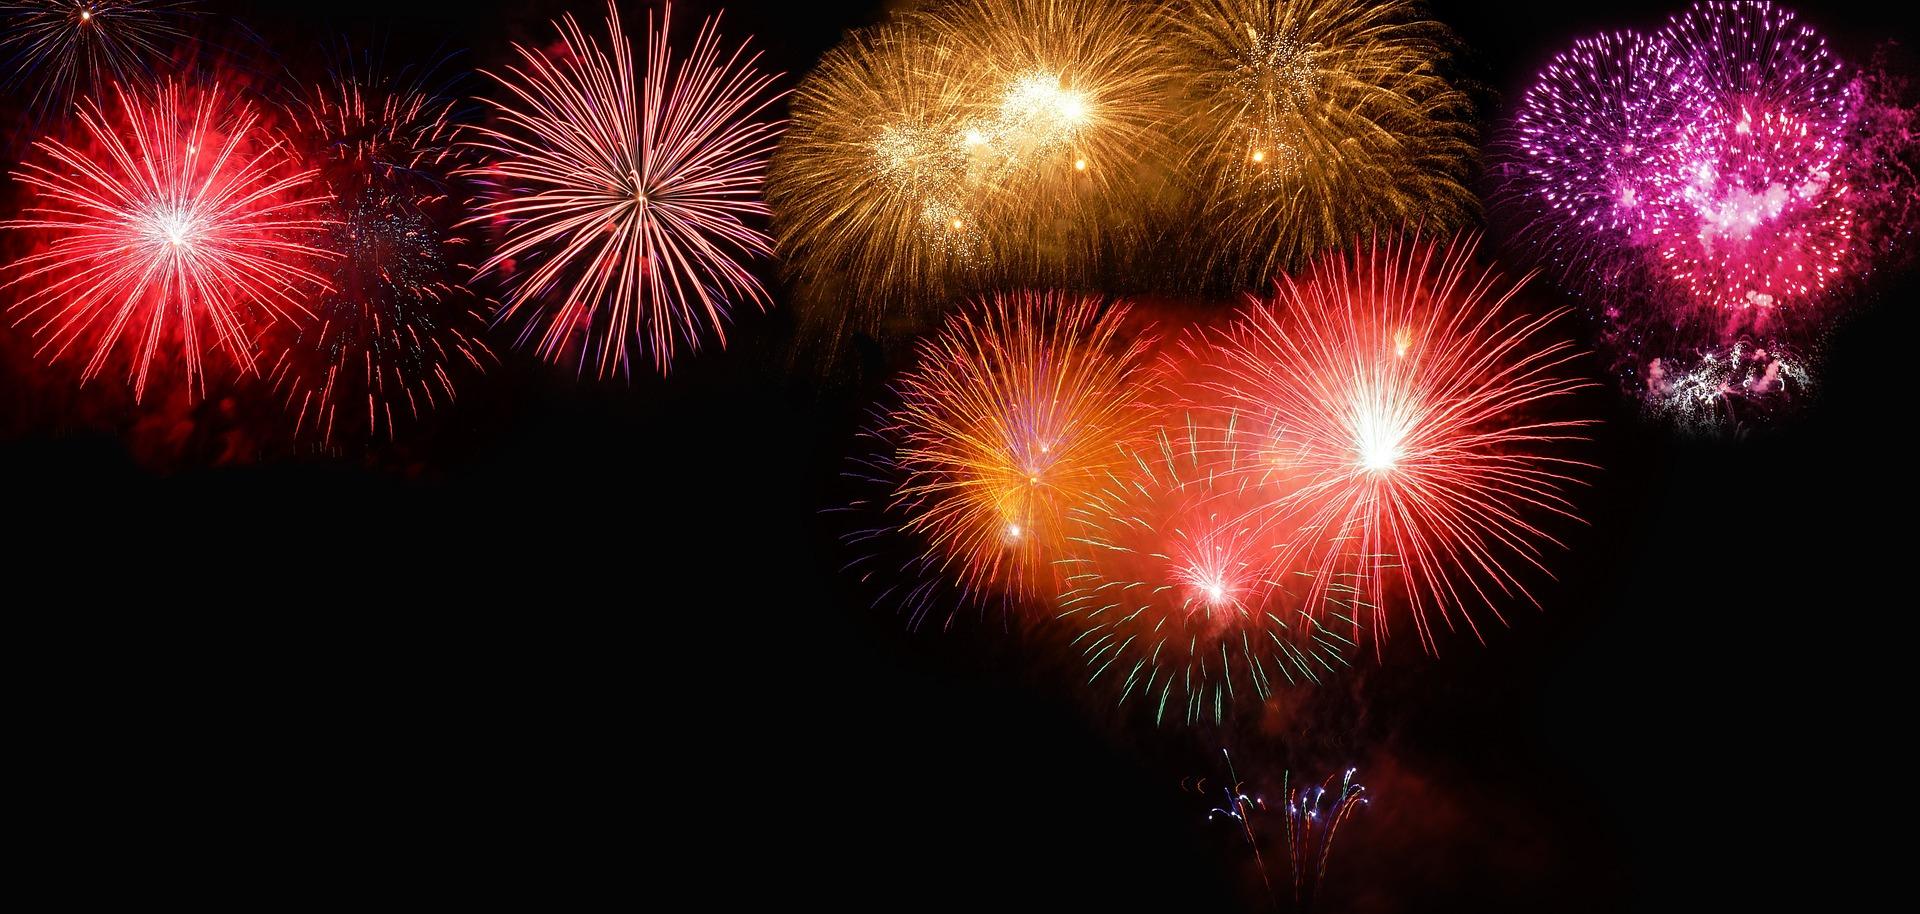 Fireworks Sherwood Park Canada Day 2019